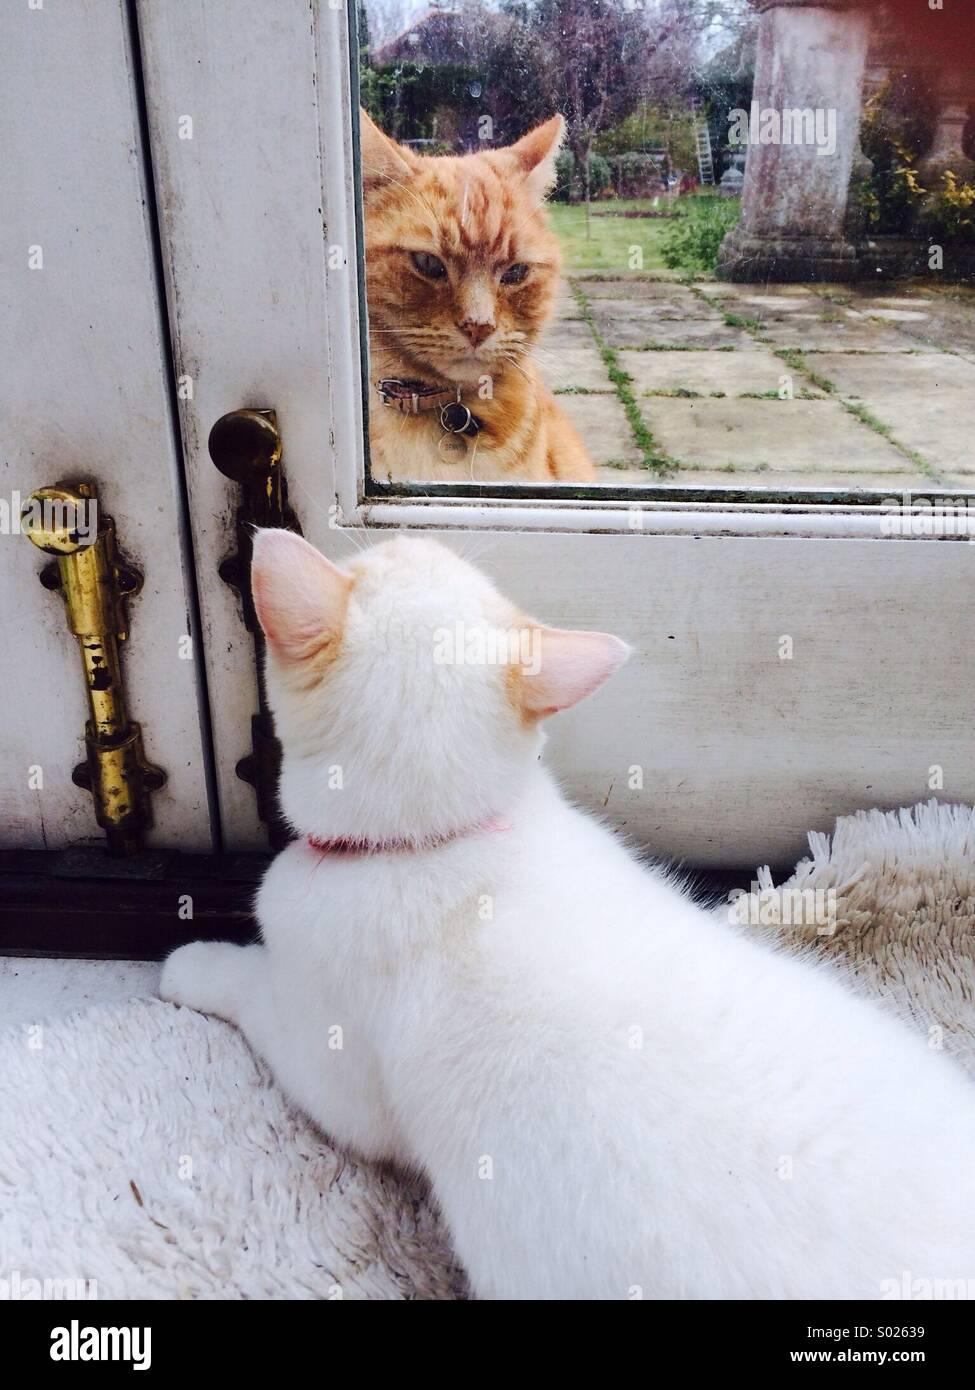 Visitante en la puerta interior y exterior cat cat. Imagen De Stock